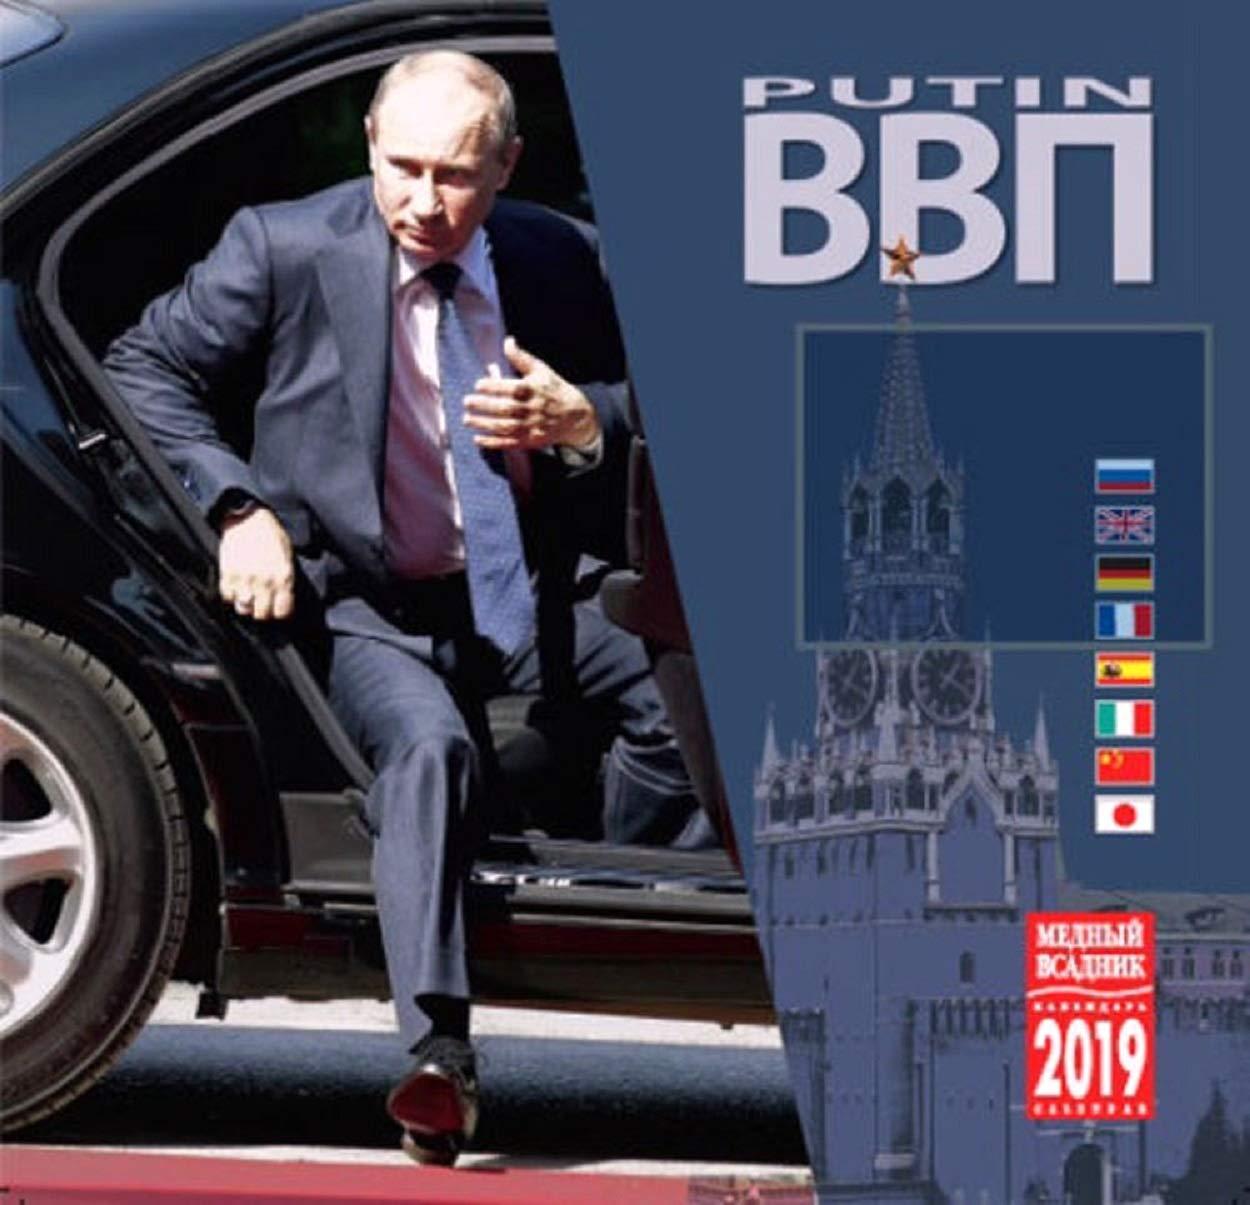 Calendario da parete 2019, motivo Putin, 295 x 580 mm, Russia, nuovo, originale, calendario con 12 pagine VVP